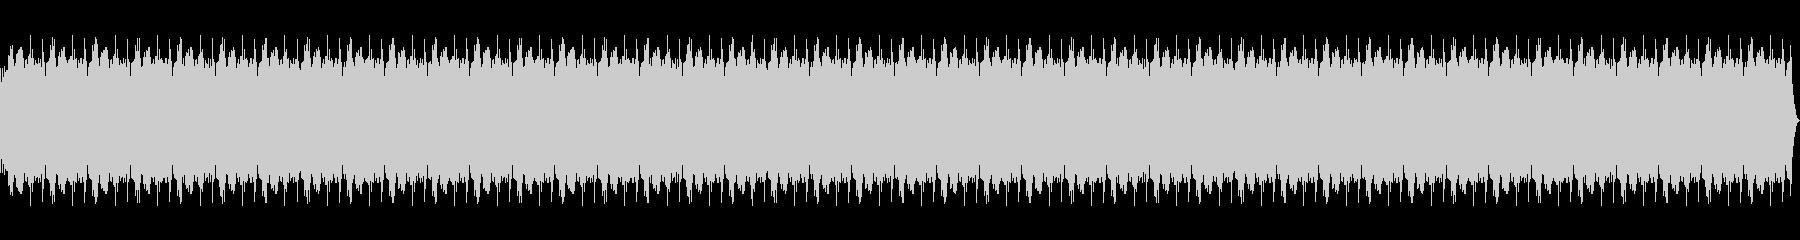 11【956Hz】ソルフェジオ周波数の未再生の波形